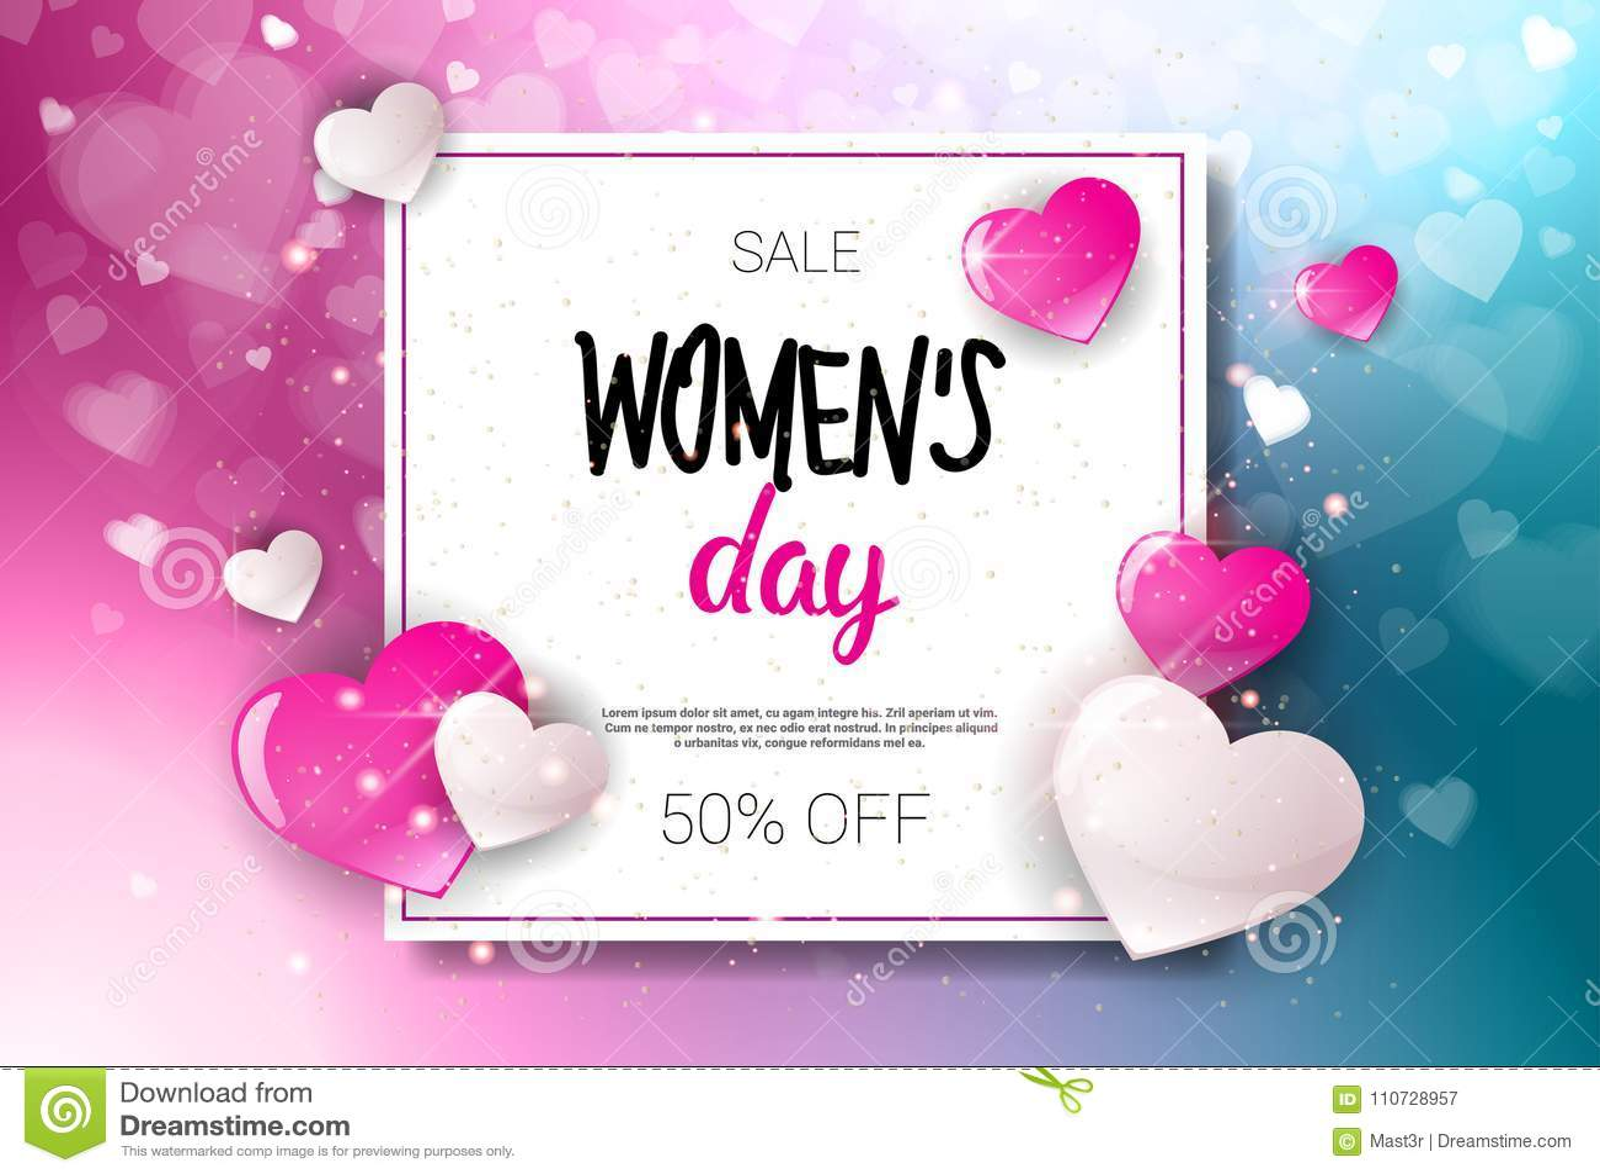 818db3dec Ilustração feliz do vetor do fundo do cartaz do disconto do projeto do vale  da promoção da compra do feriado da venda do dia da mulher